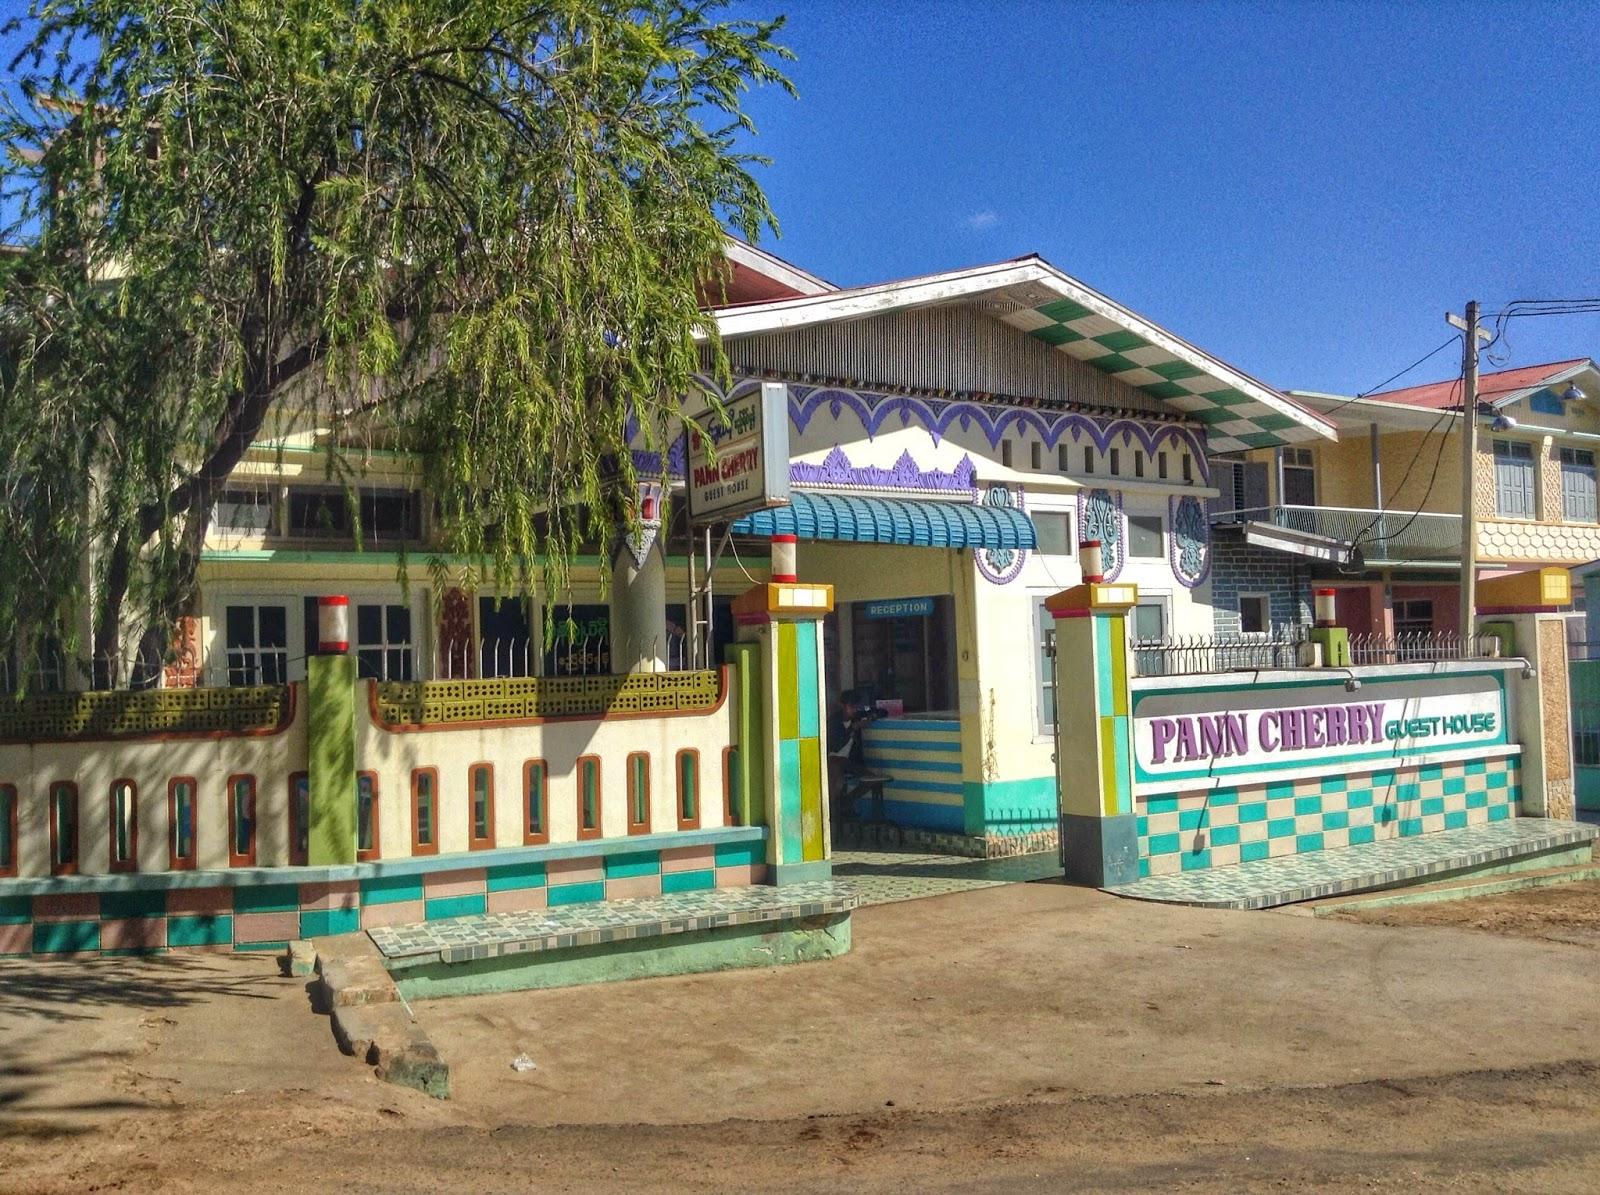 Pann Cherry Guesthouse - Bagan Myanmar